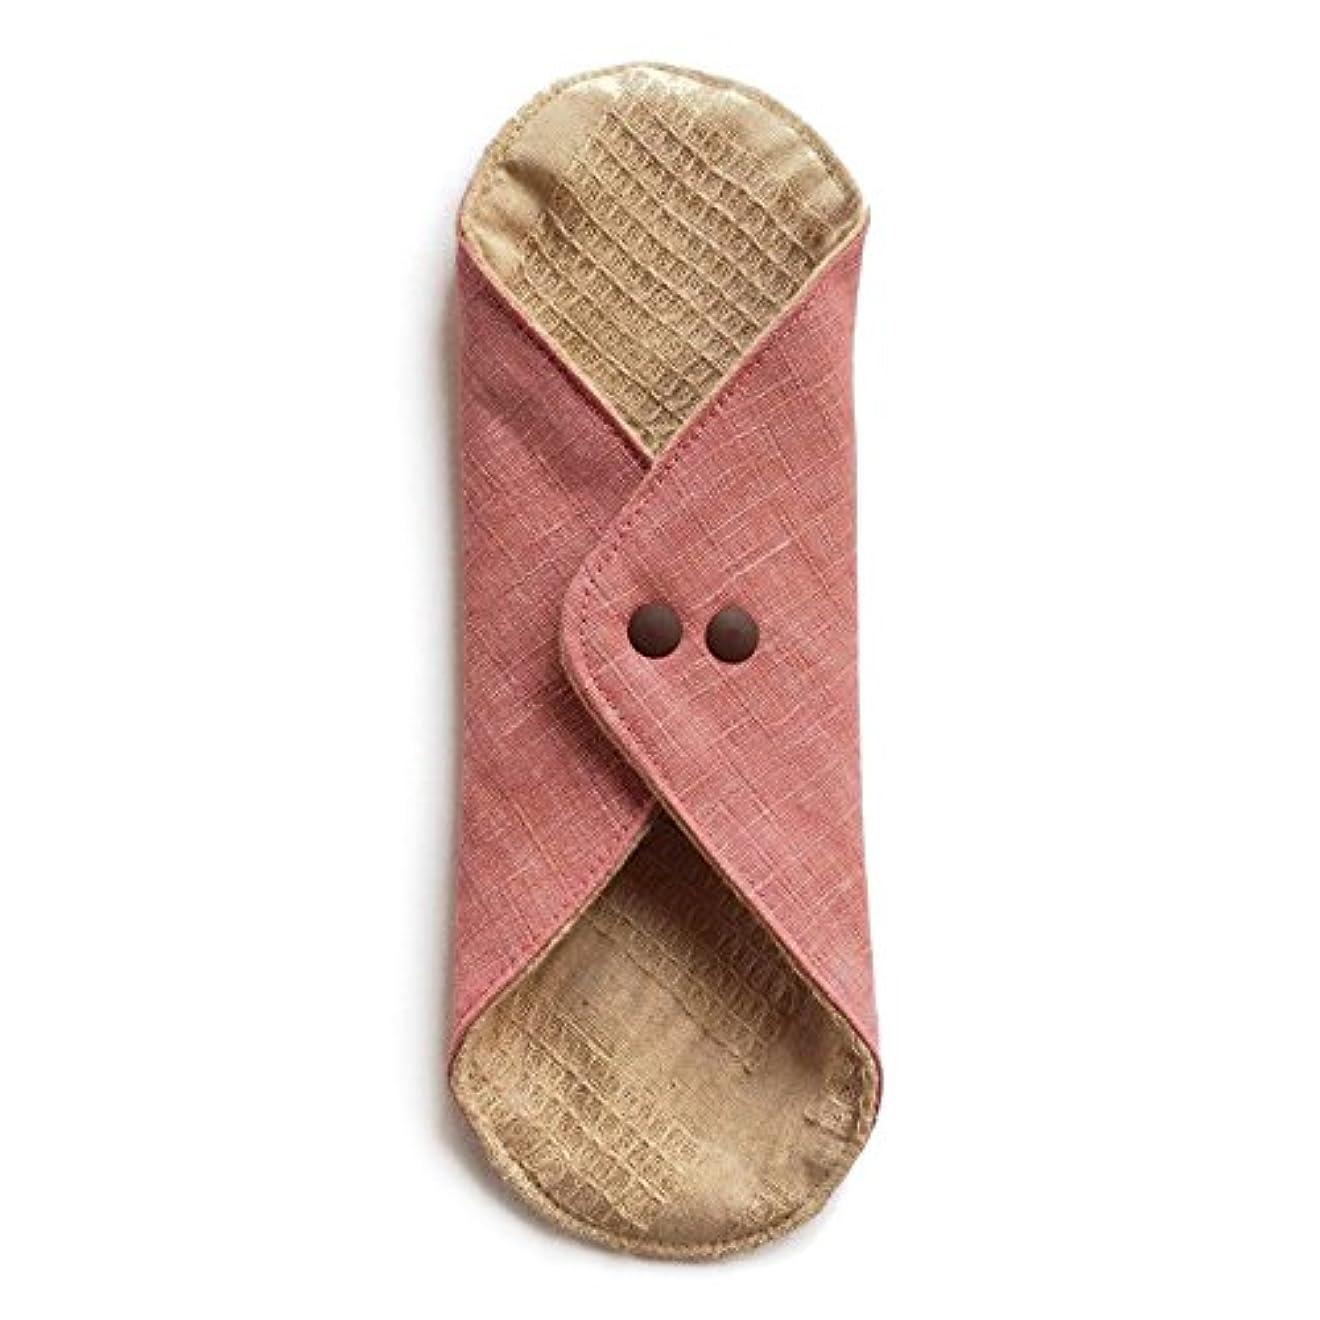 間に合わせ小康パース華布のオーガニックコットンのあたため布 Lサイズ (約18×約20.5×約0.5cm) 彩り(桃)